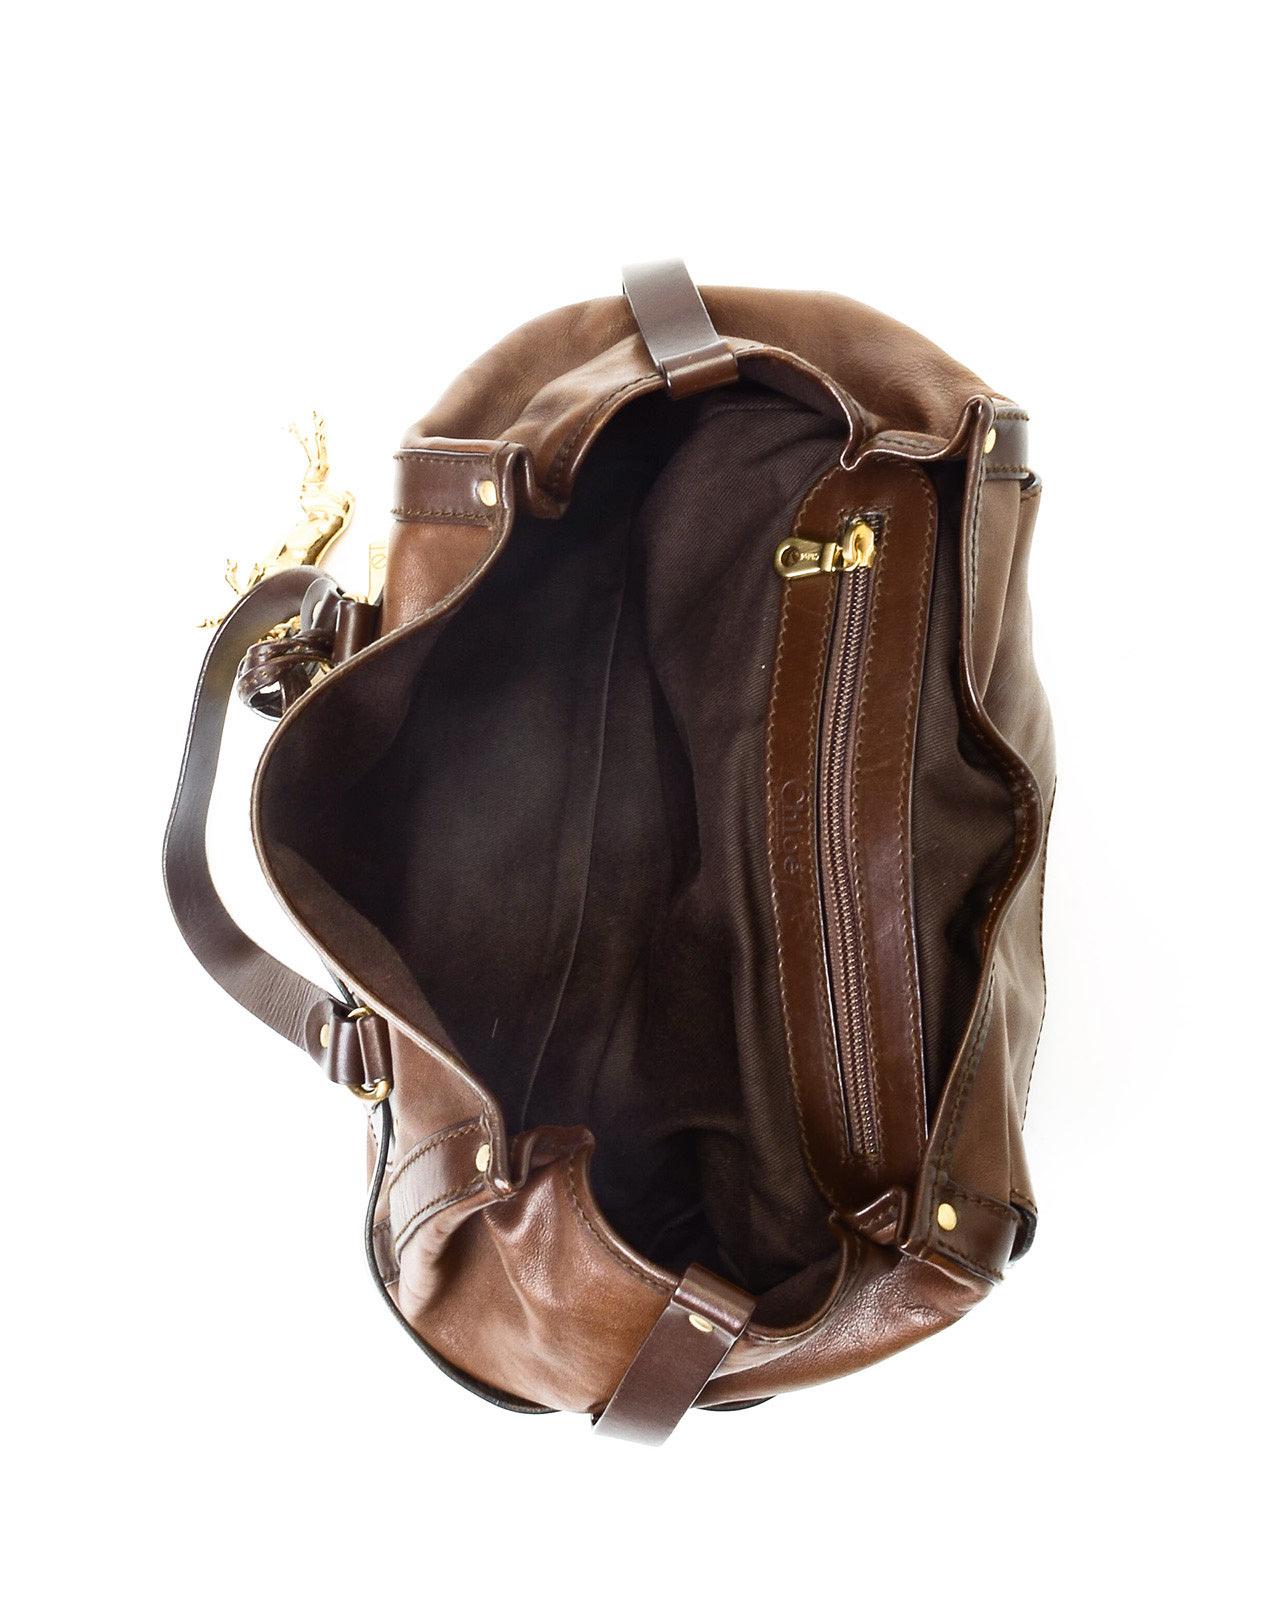 Chlo¨¦ Chlo?\u2030 Brown Leather Handbag in Brown | Lyst